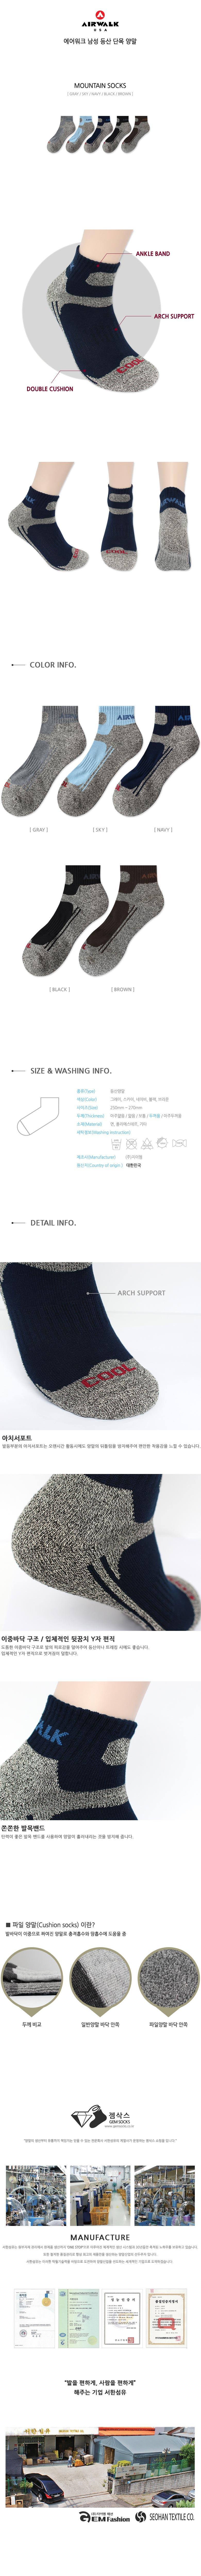 에어워크 남성 등산 단목 양말 CH1346016 - 익스트리모, 2,370원, 등산용품, 등산의류/패션잡화